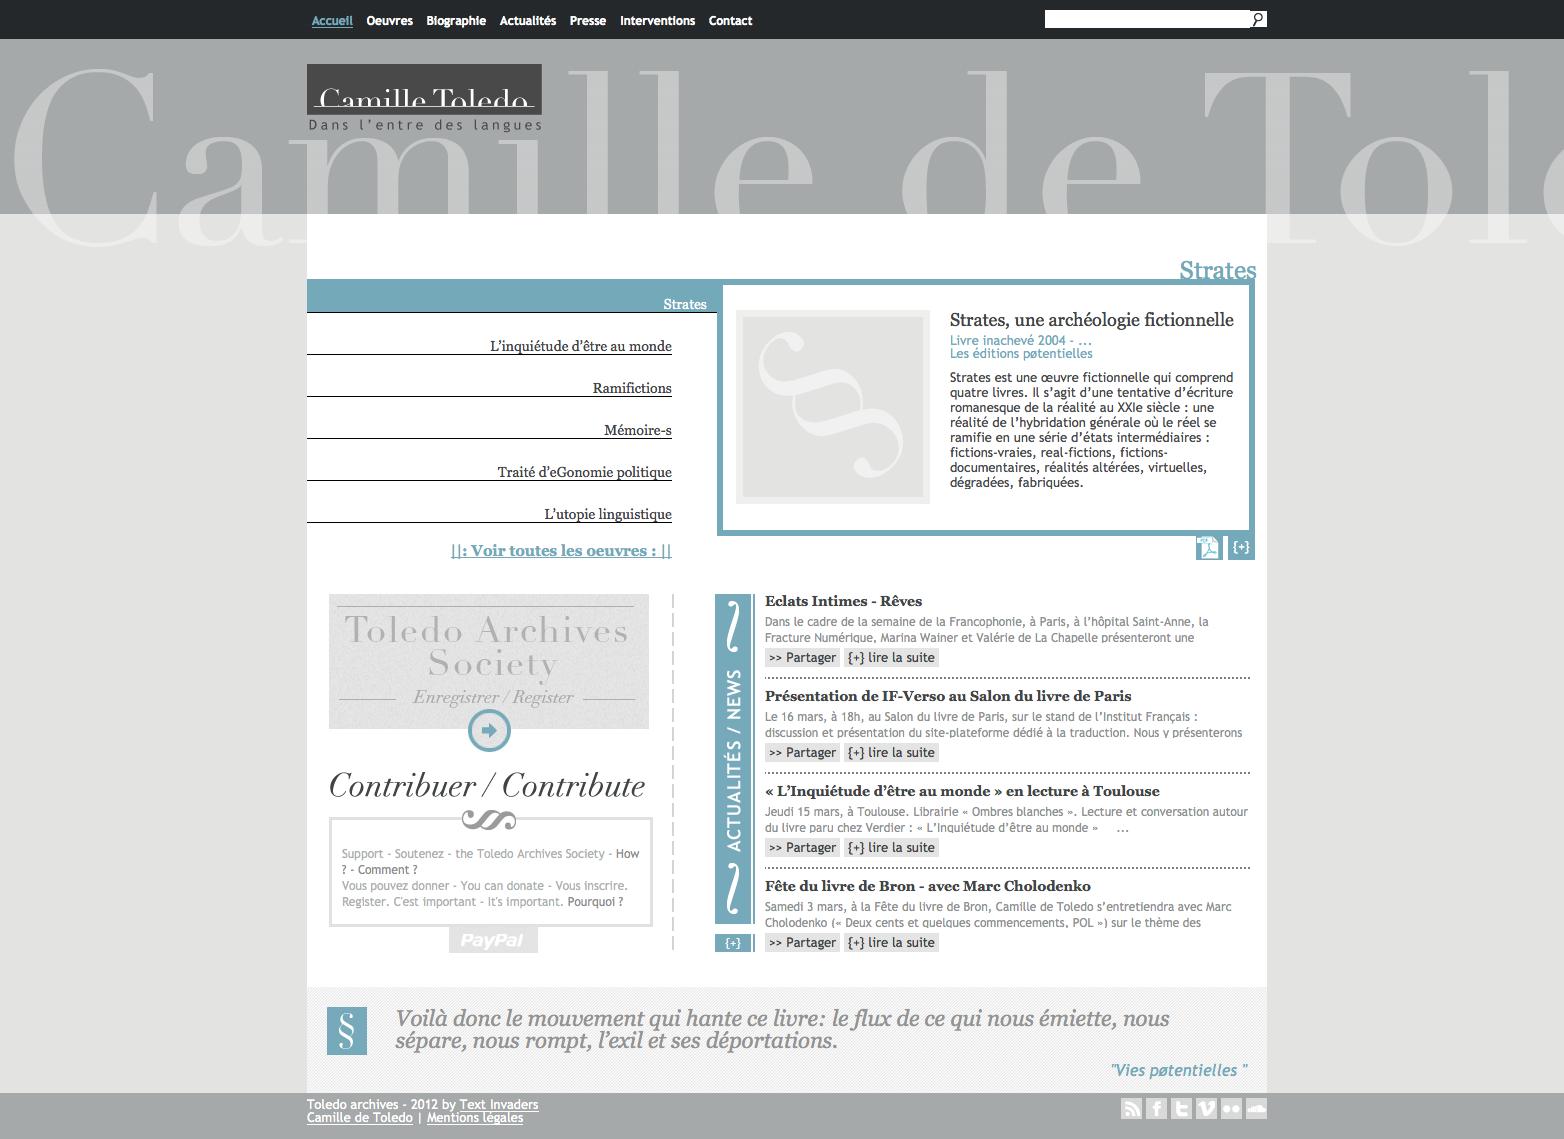 Site web de l'écrivain Camille de Toledo